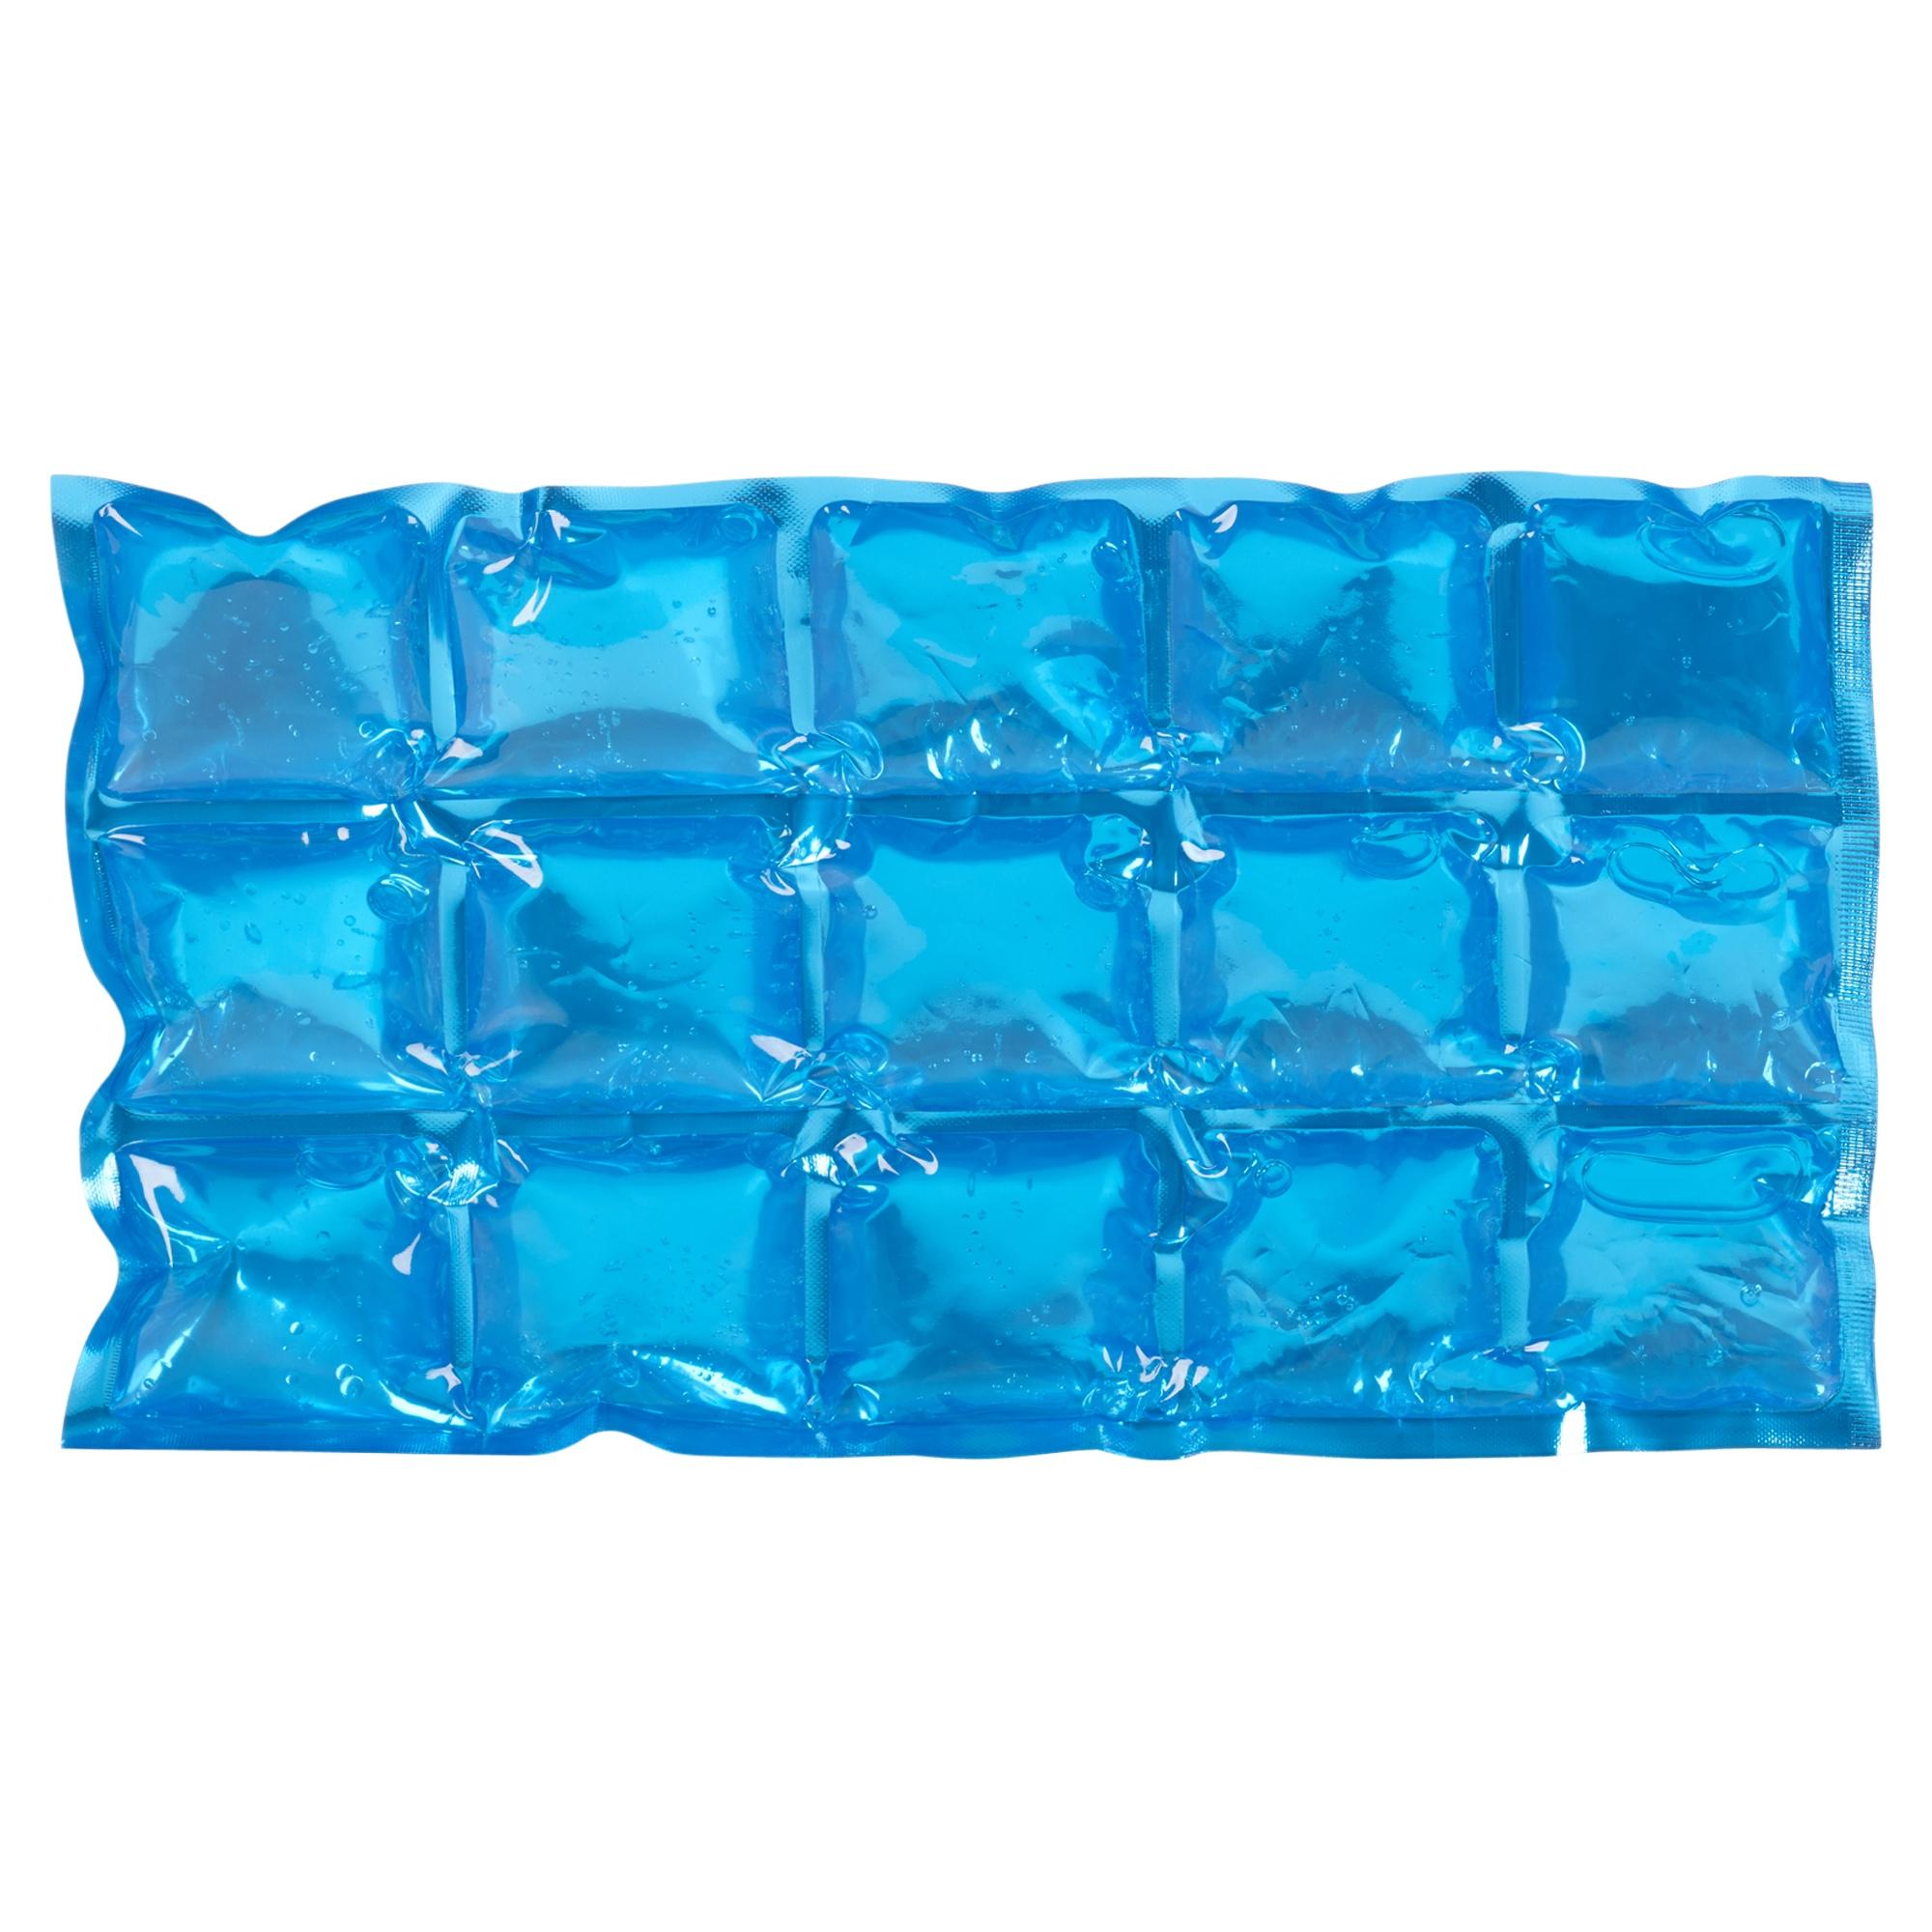 Neuf Réutilisable Congélation Cool blocs Banquise Refroidisseur Sac pour Pique-Travel Lunch Box